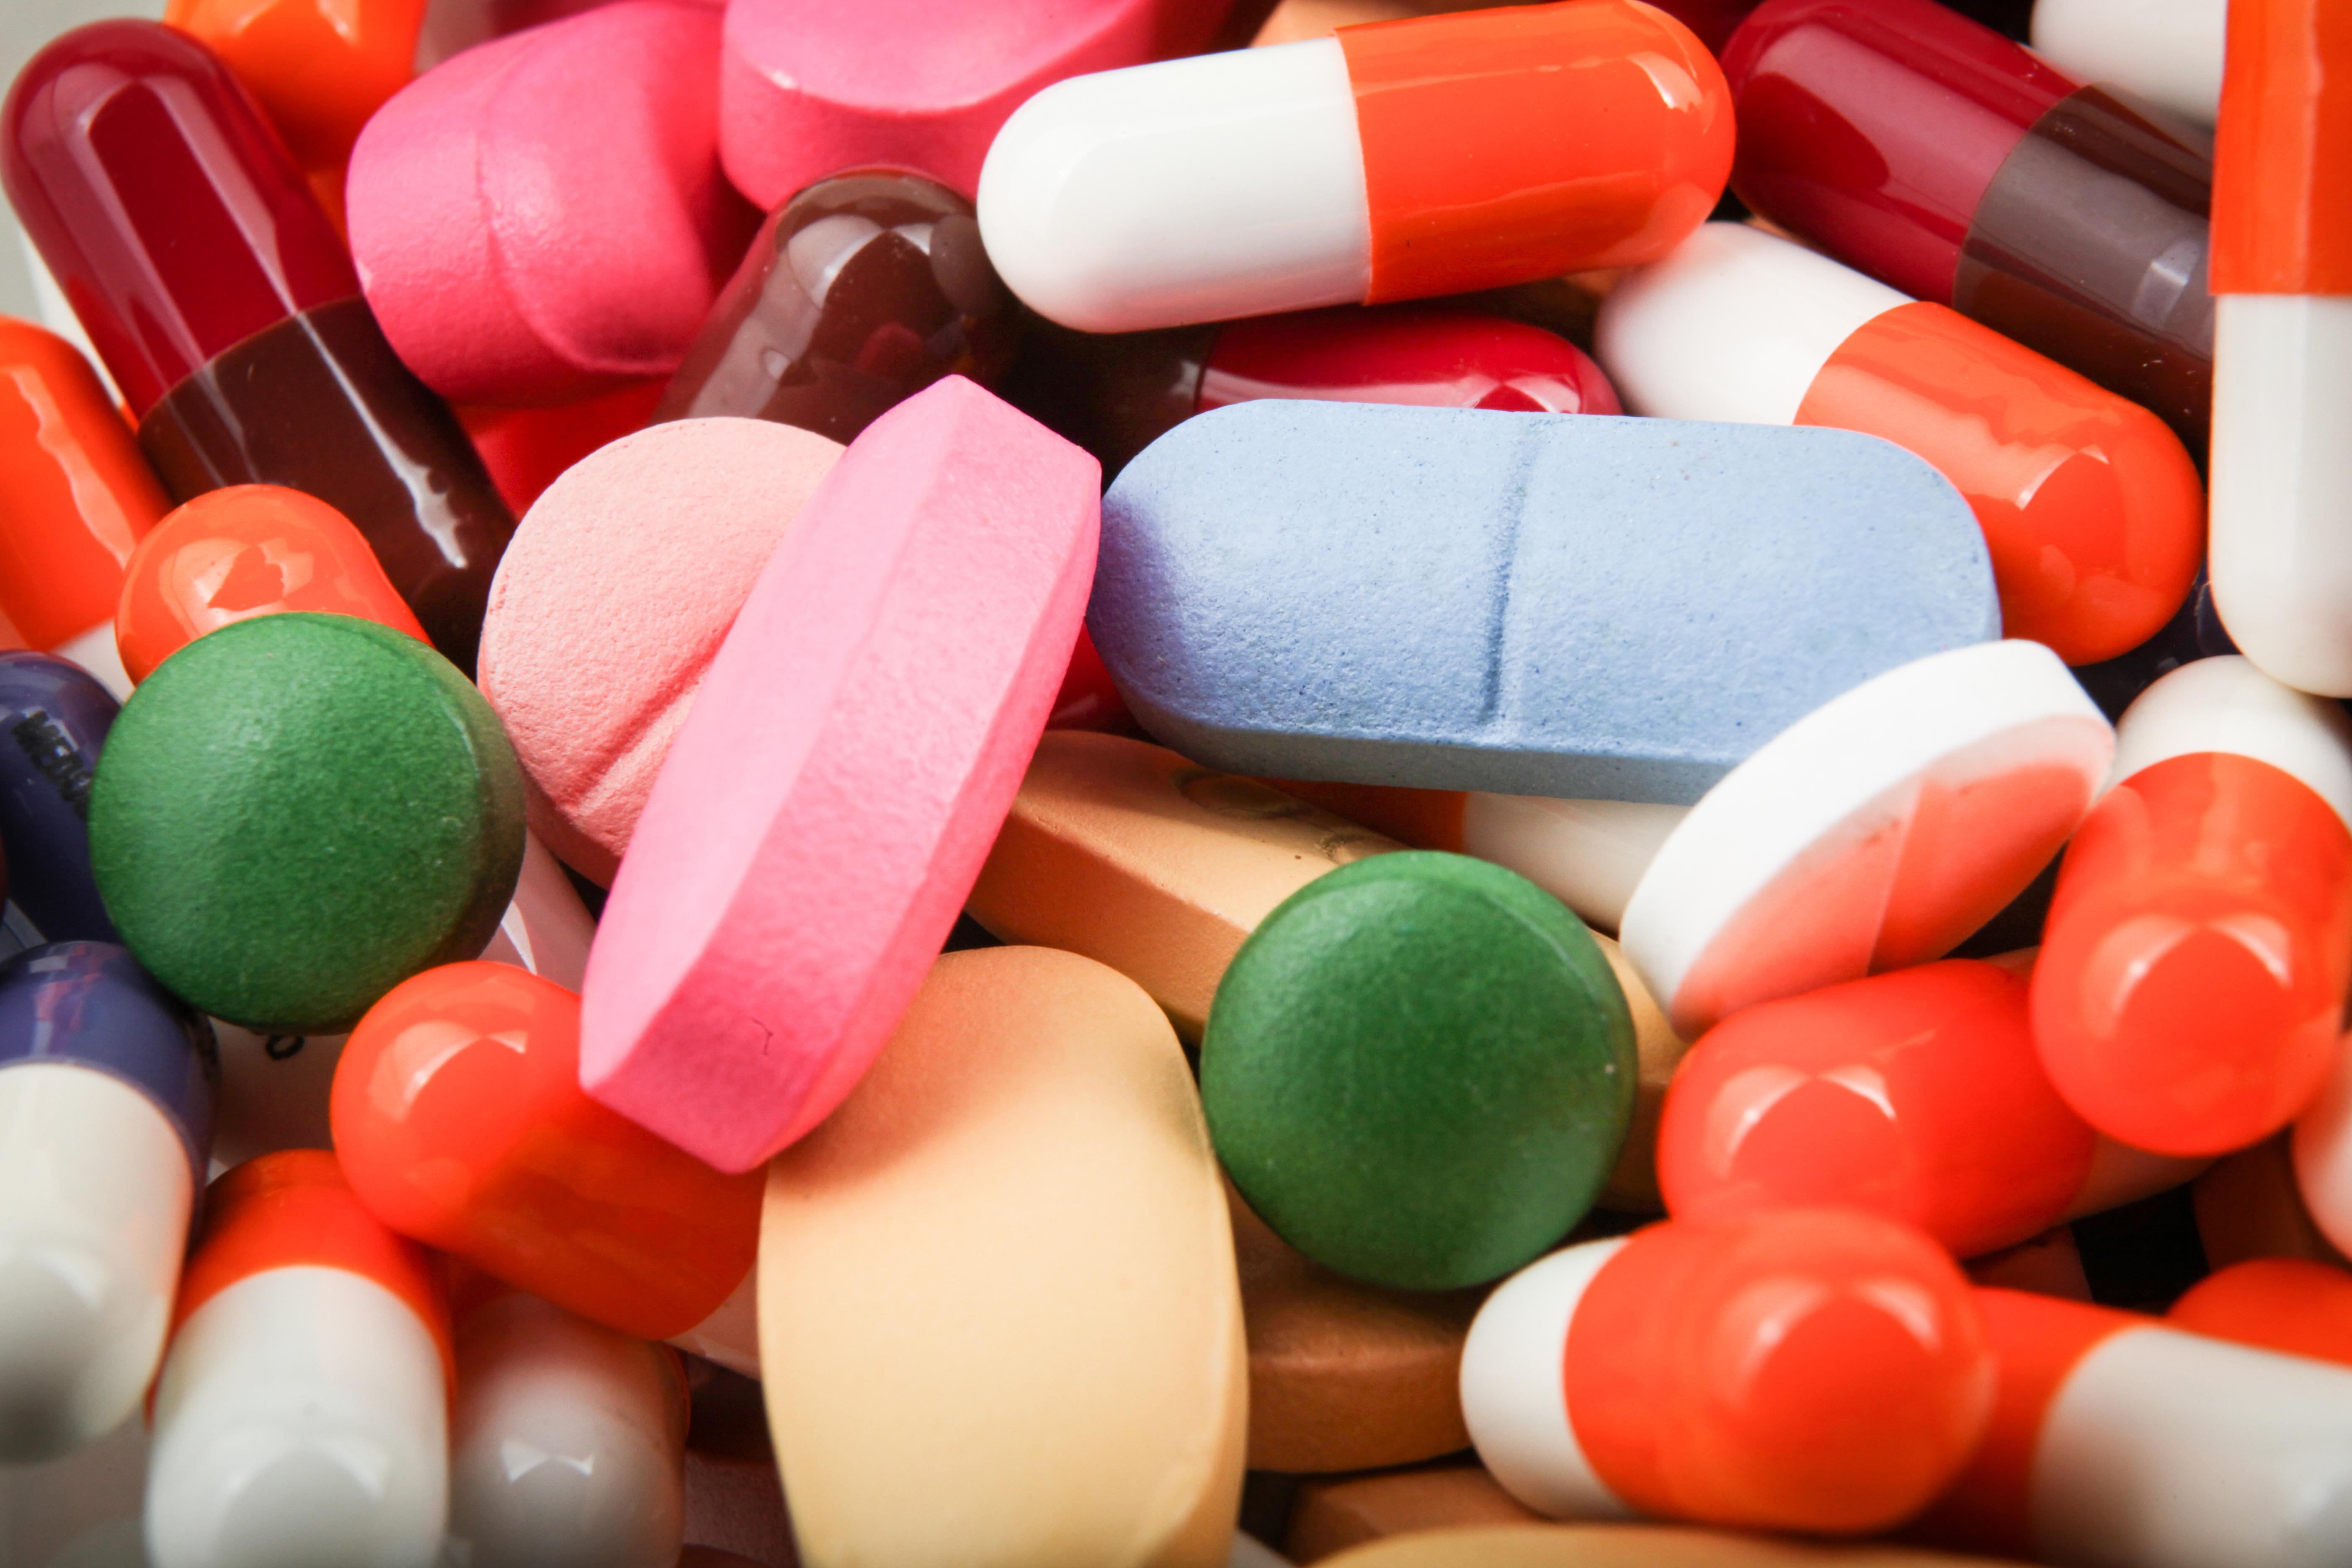 online pharmacy for prednisone